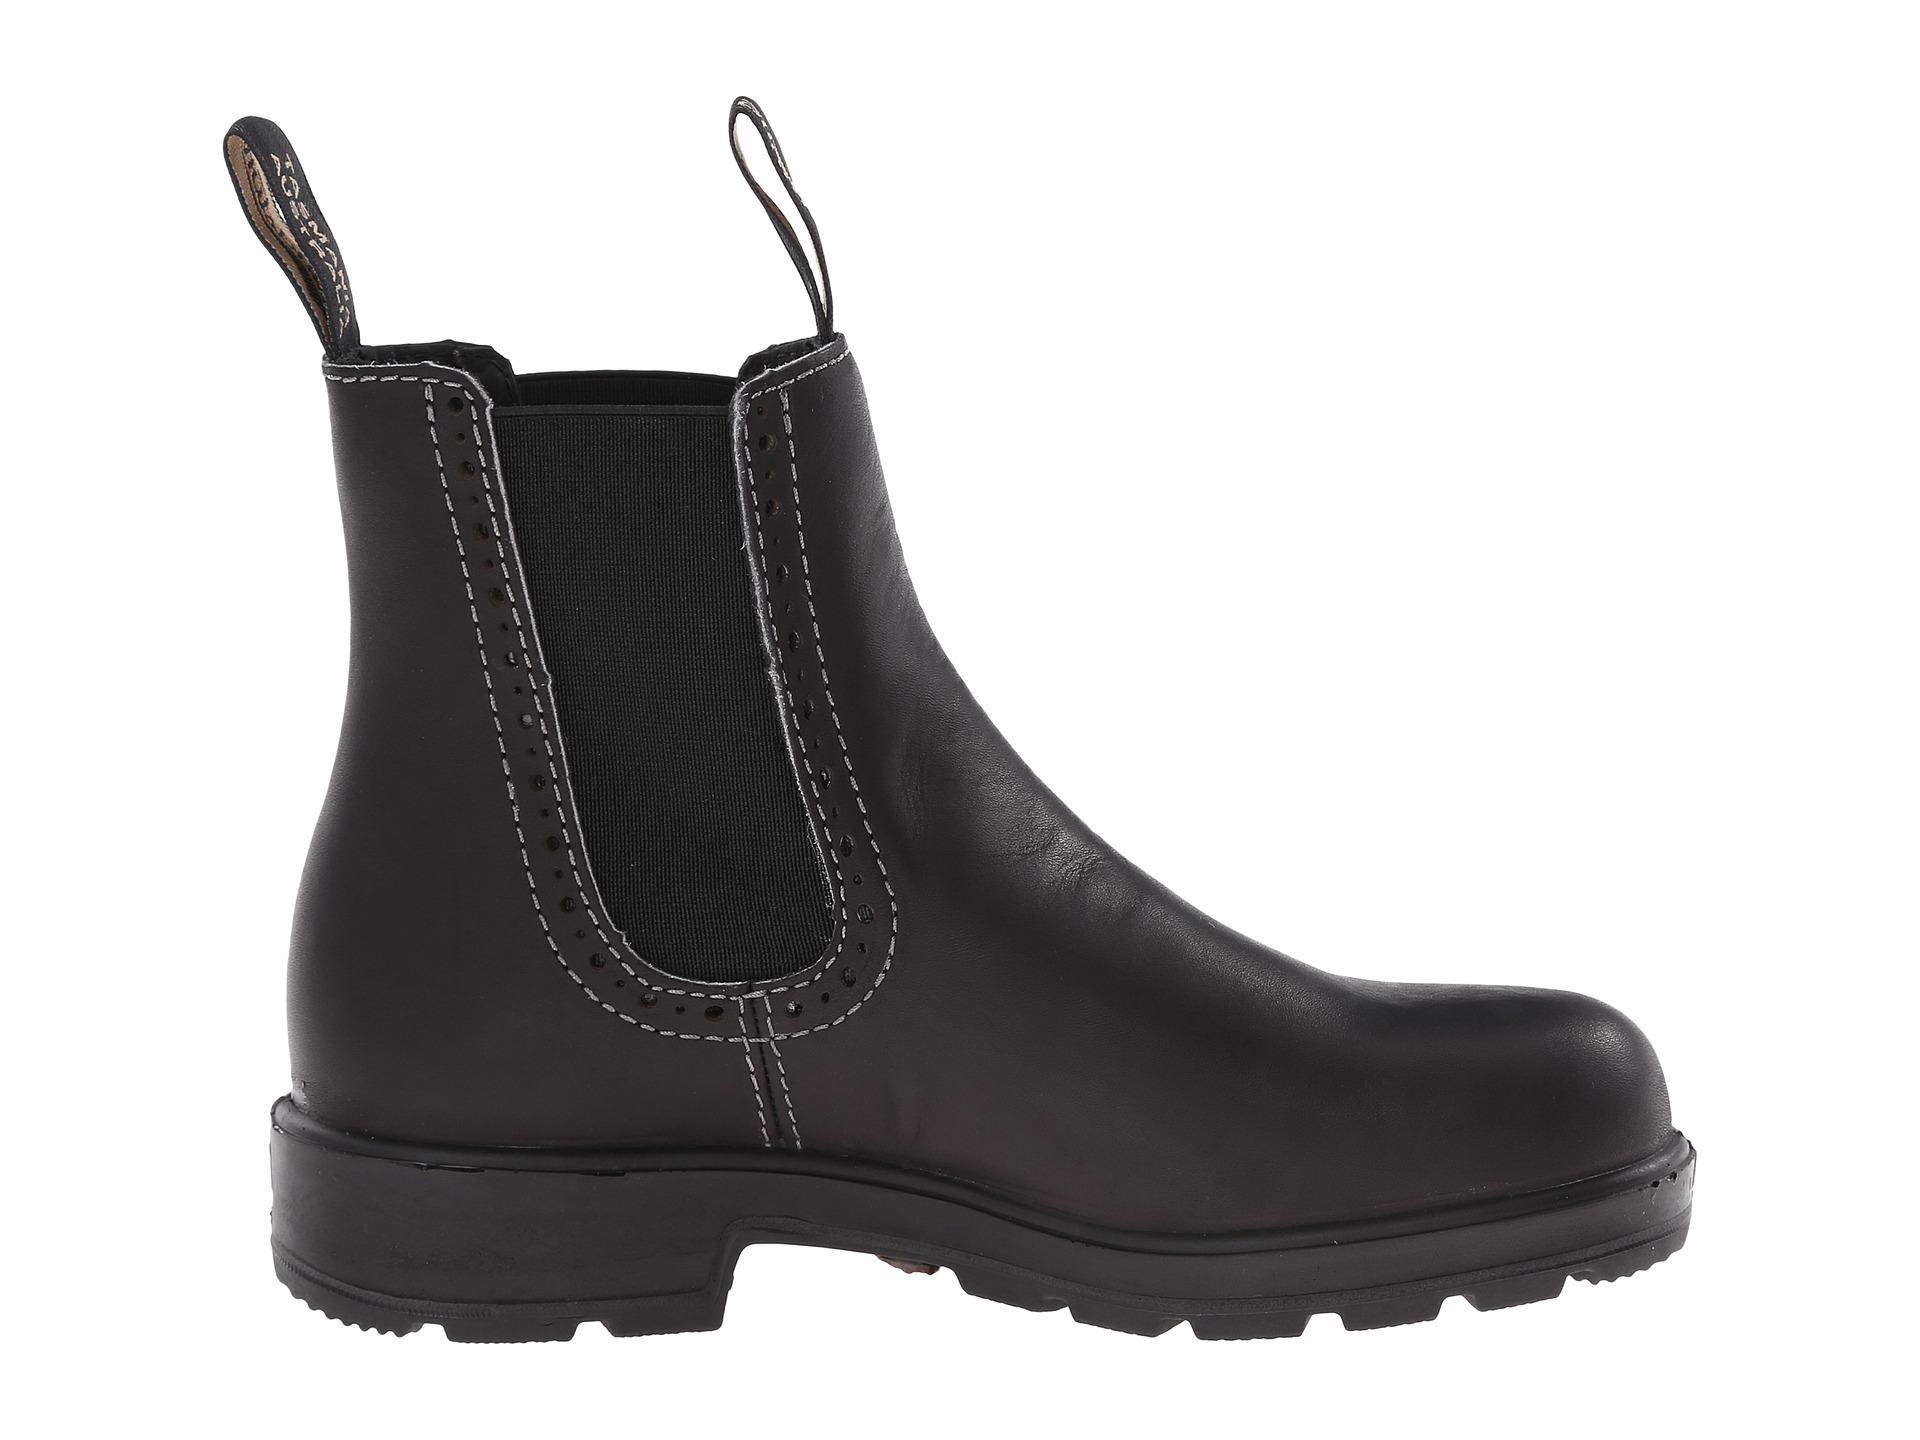 Original Clothes Shoes Amp Accessories Gt Women39s Shoes Gt Boots